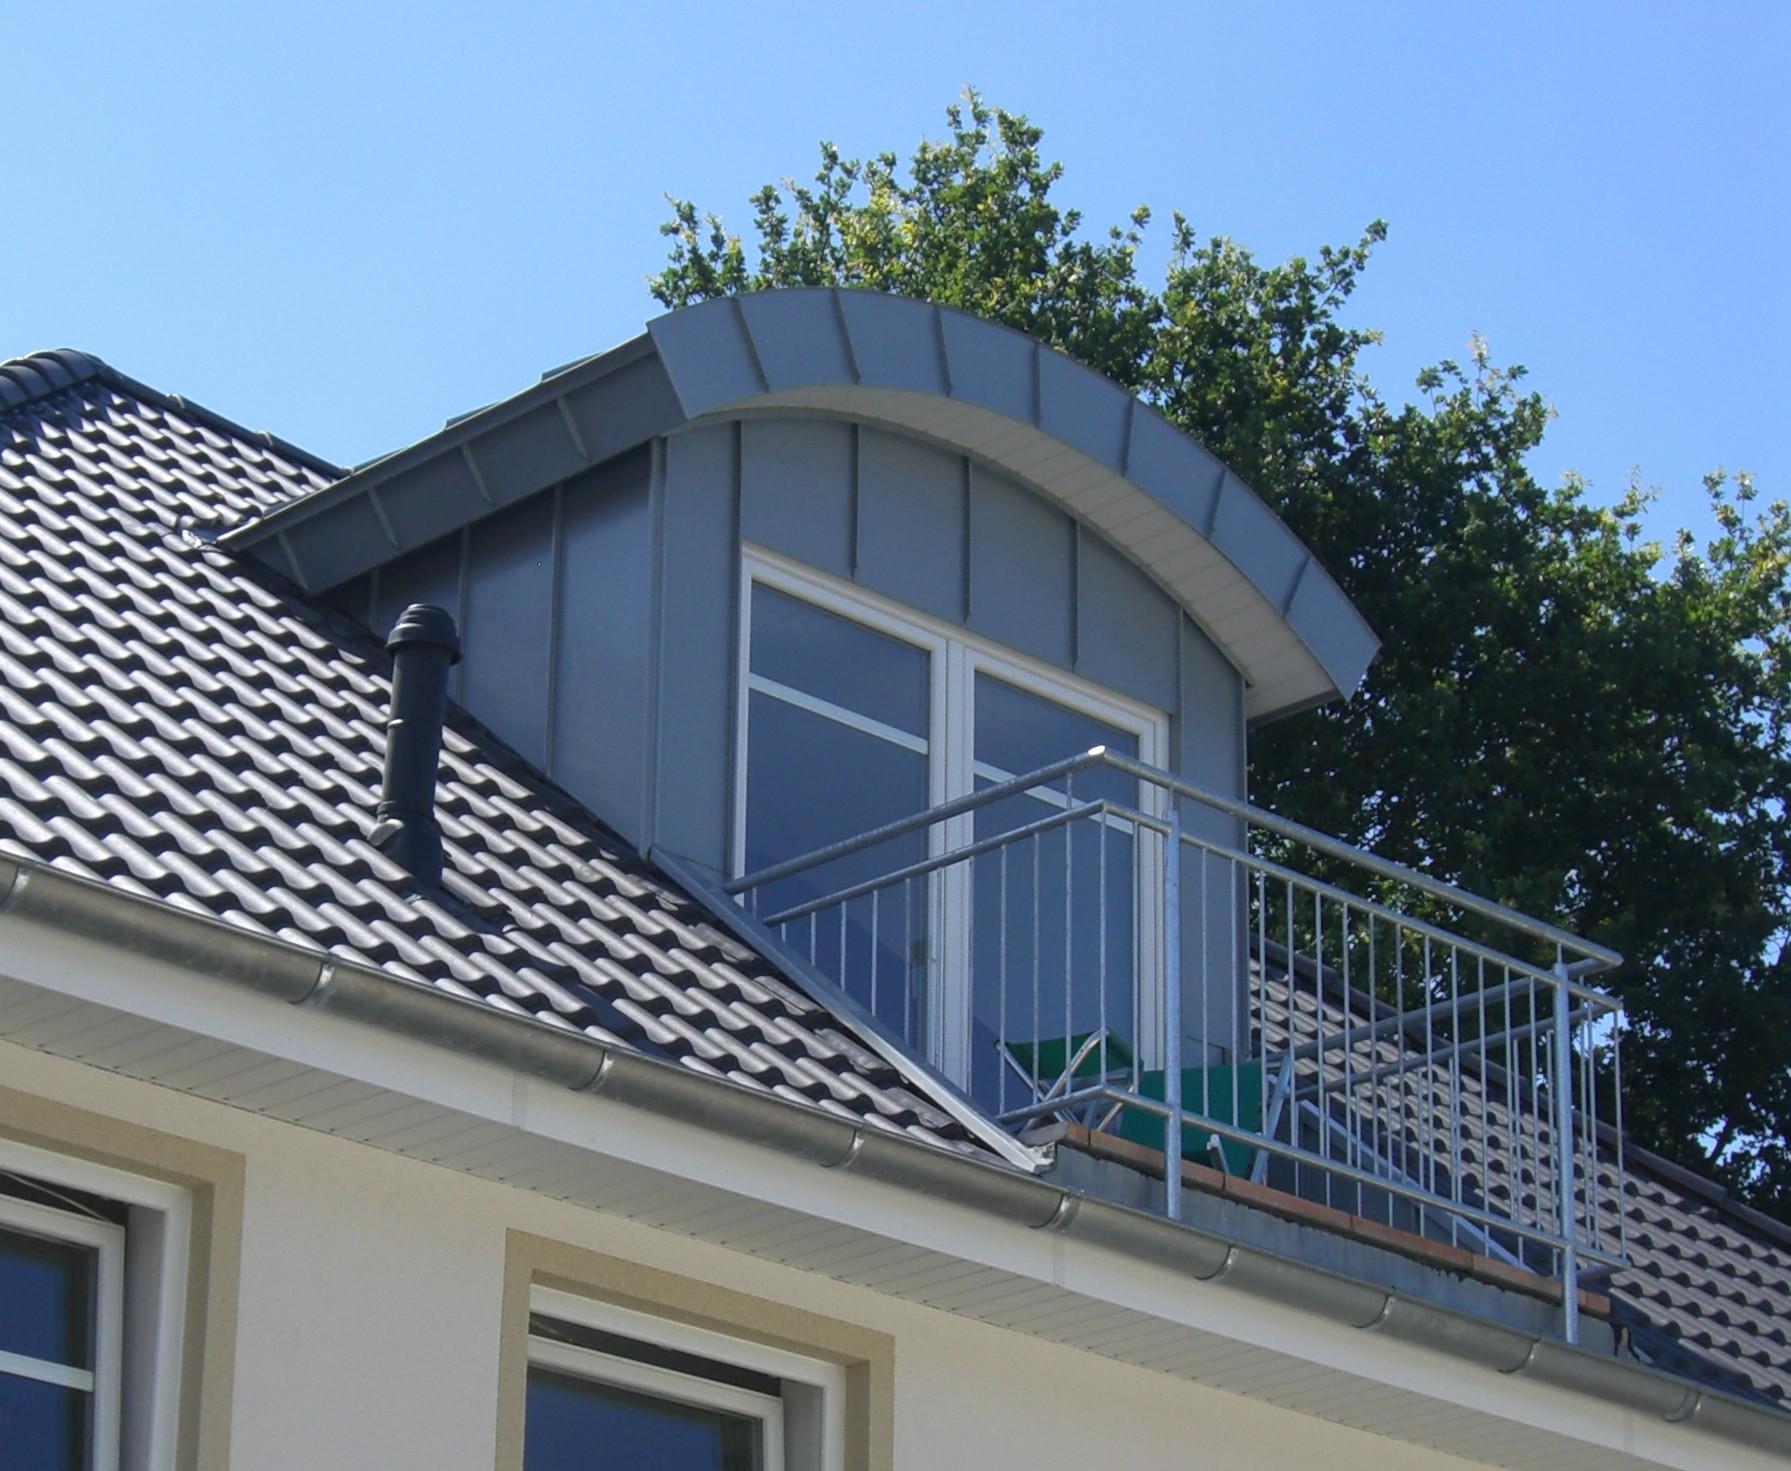 janzen gmbh heizung sanit r klempner solar installation ausbau von gasheizungen wardenburg. Black Bedroom Furniture Sets. Home Design Ideas